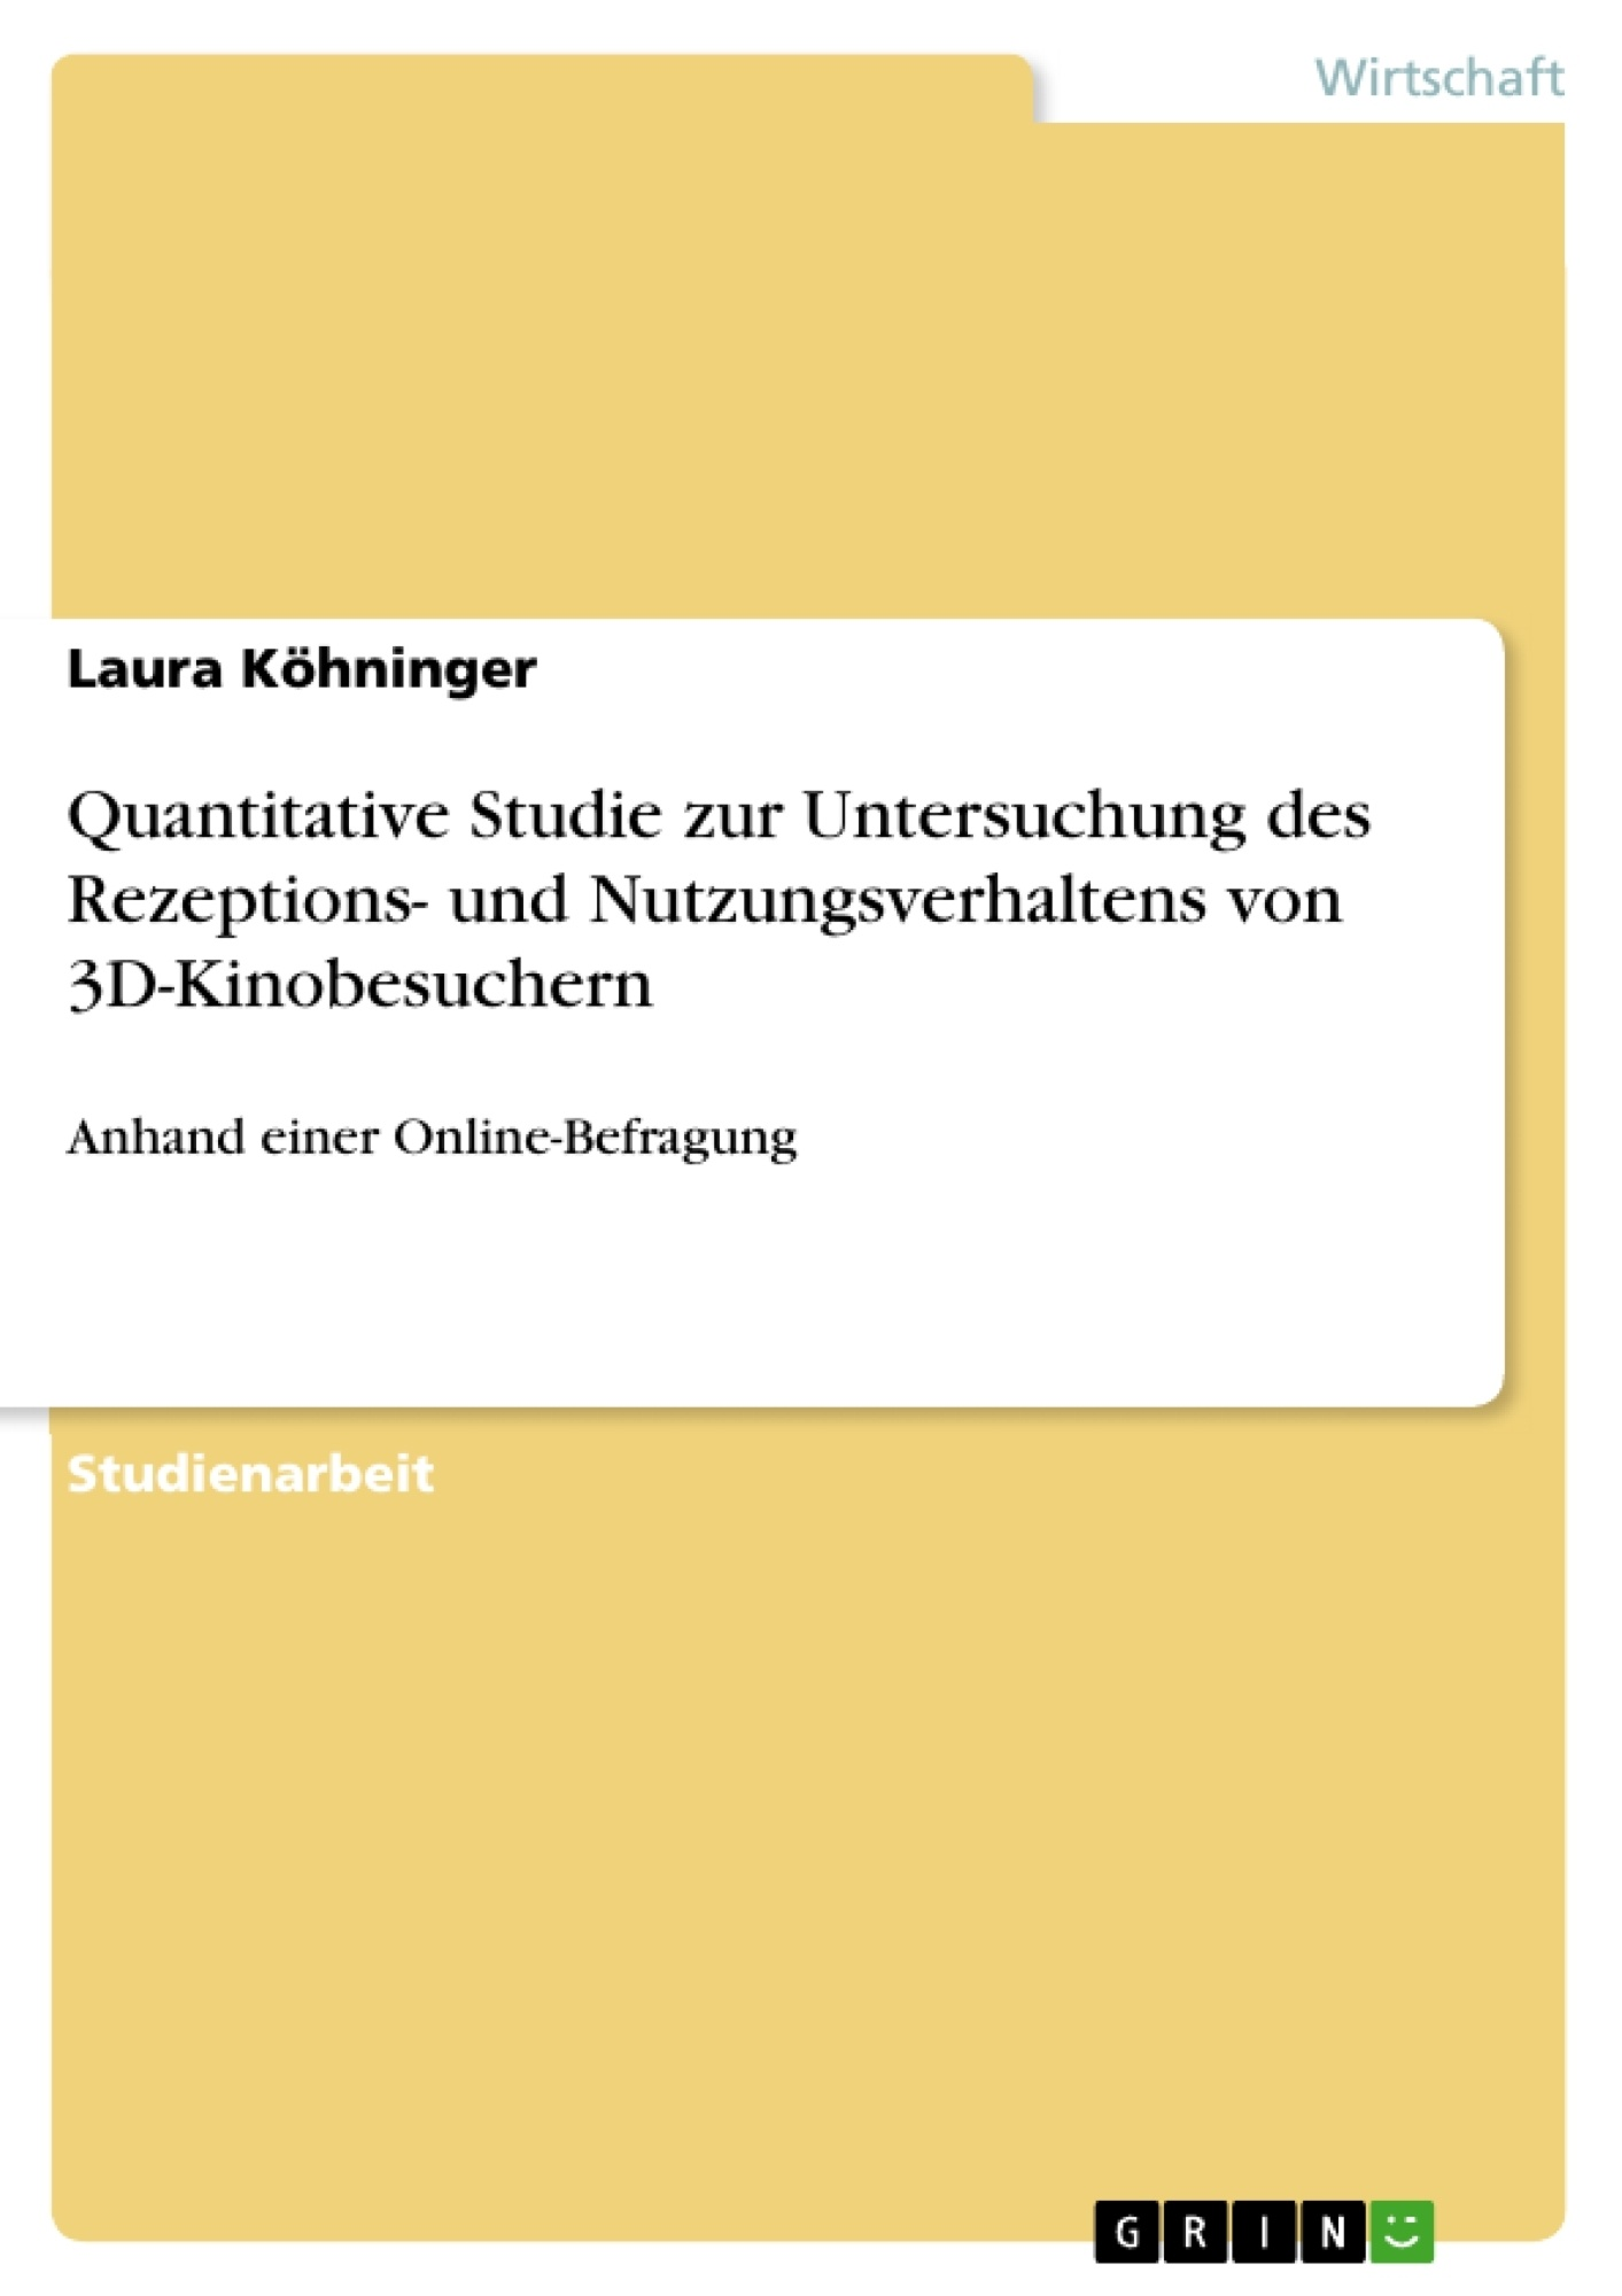 Titel: Quantitative Studie zur Untersuchung des Rezeptions- und Nutzungsverhaltens von 3D-Kinobesuchern